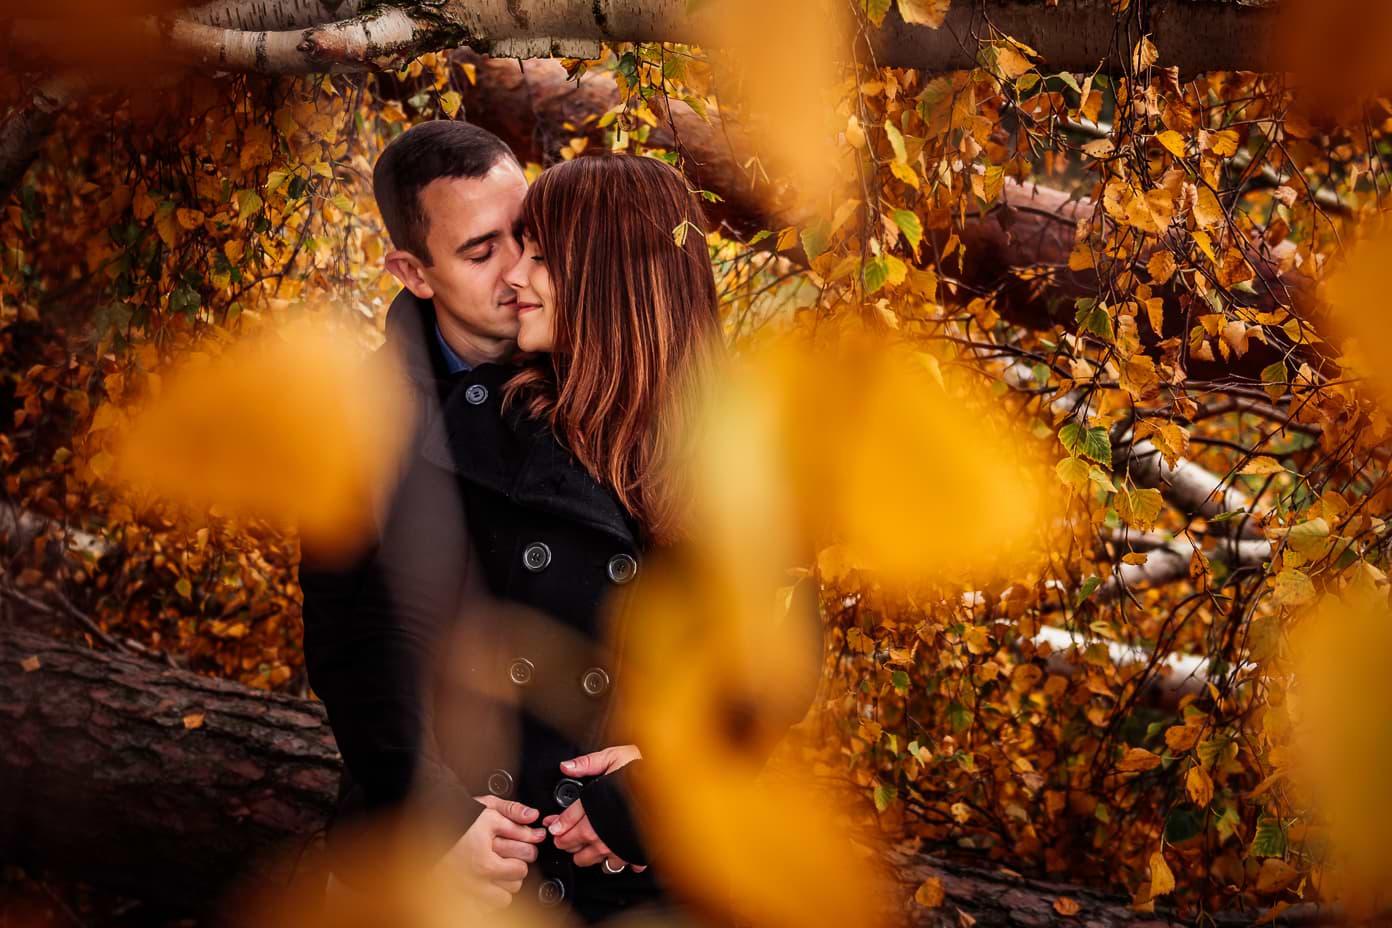 Herbstshooting mit verlobtem Paar